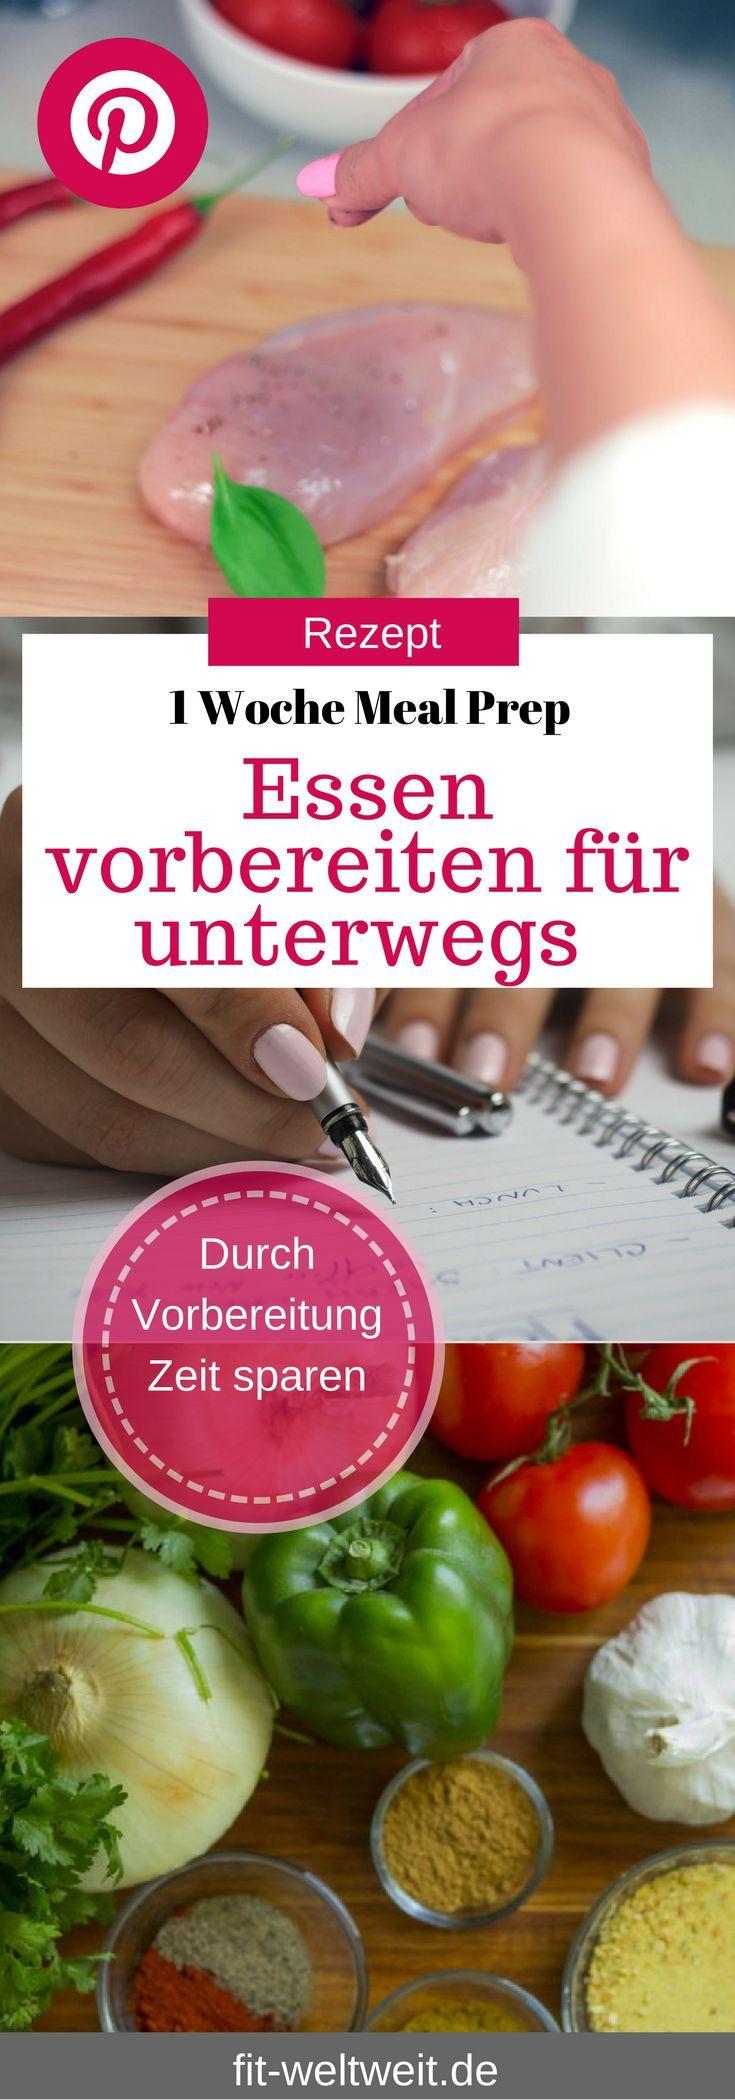 Sem tempo para comer: Instruções para uma semana MEAL PREP   – Gesund und fit im Büro